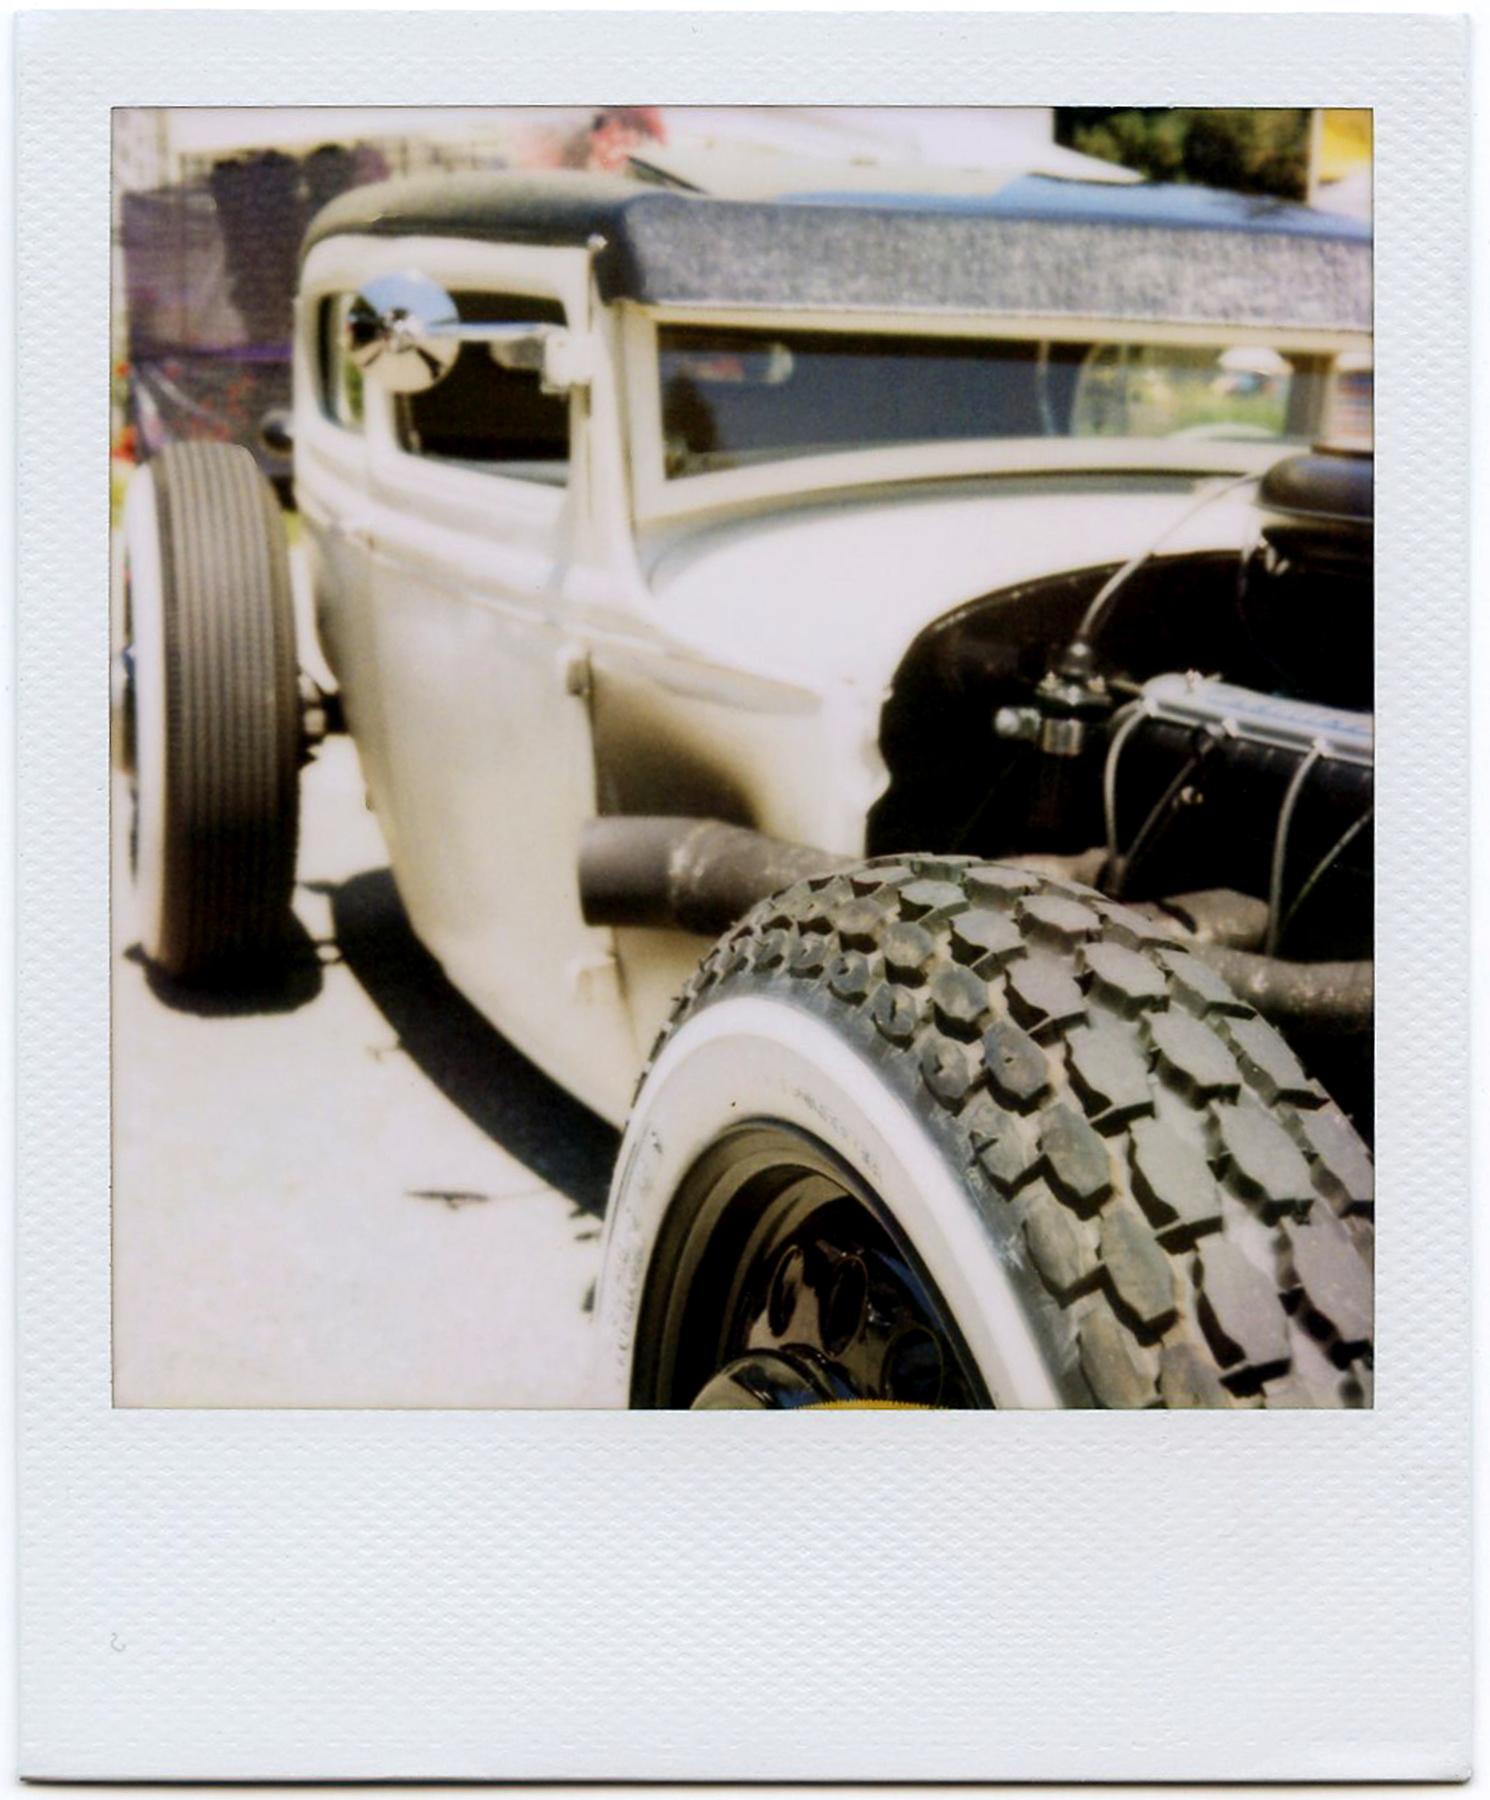 White Rod | Polaroid SX-70 Model 2 | Expired Polaroid 600 pack film